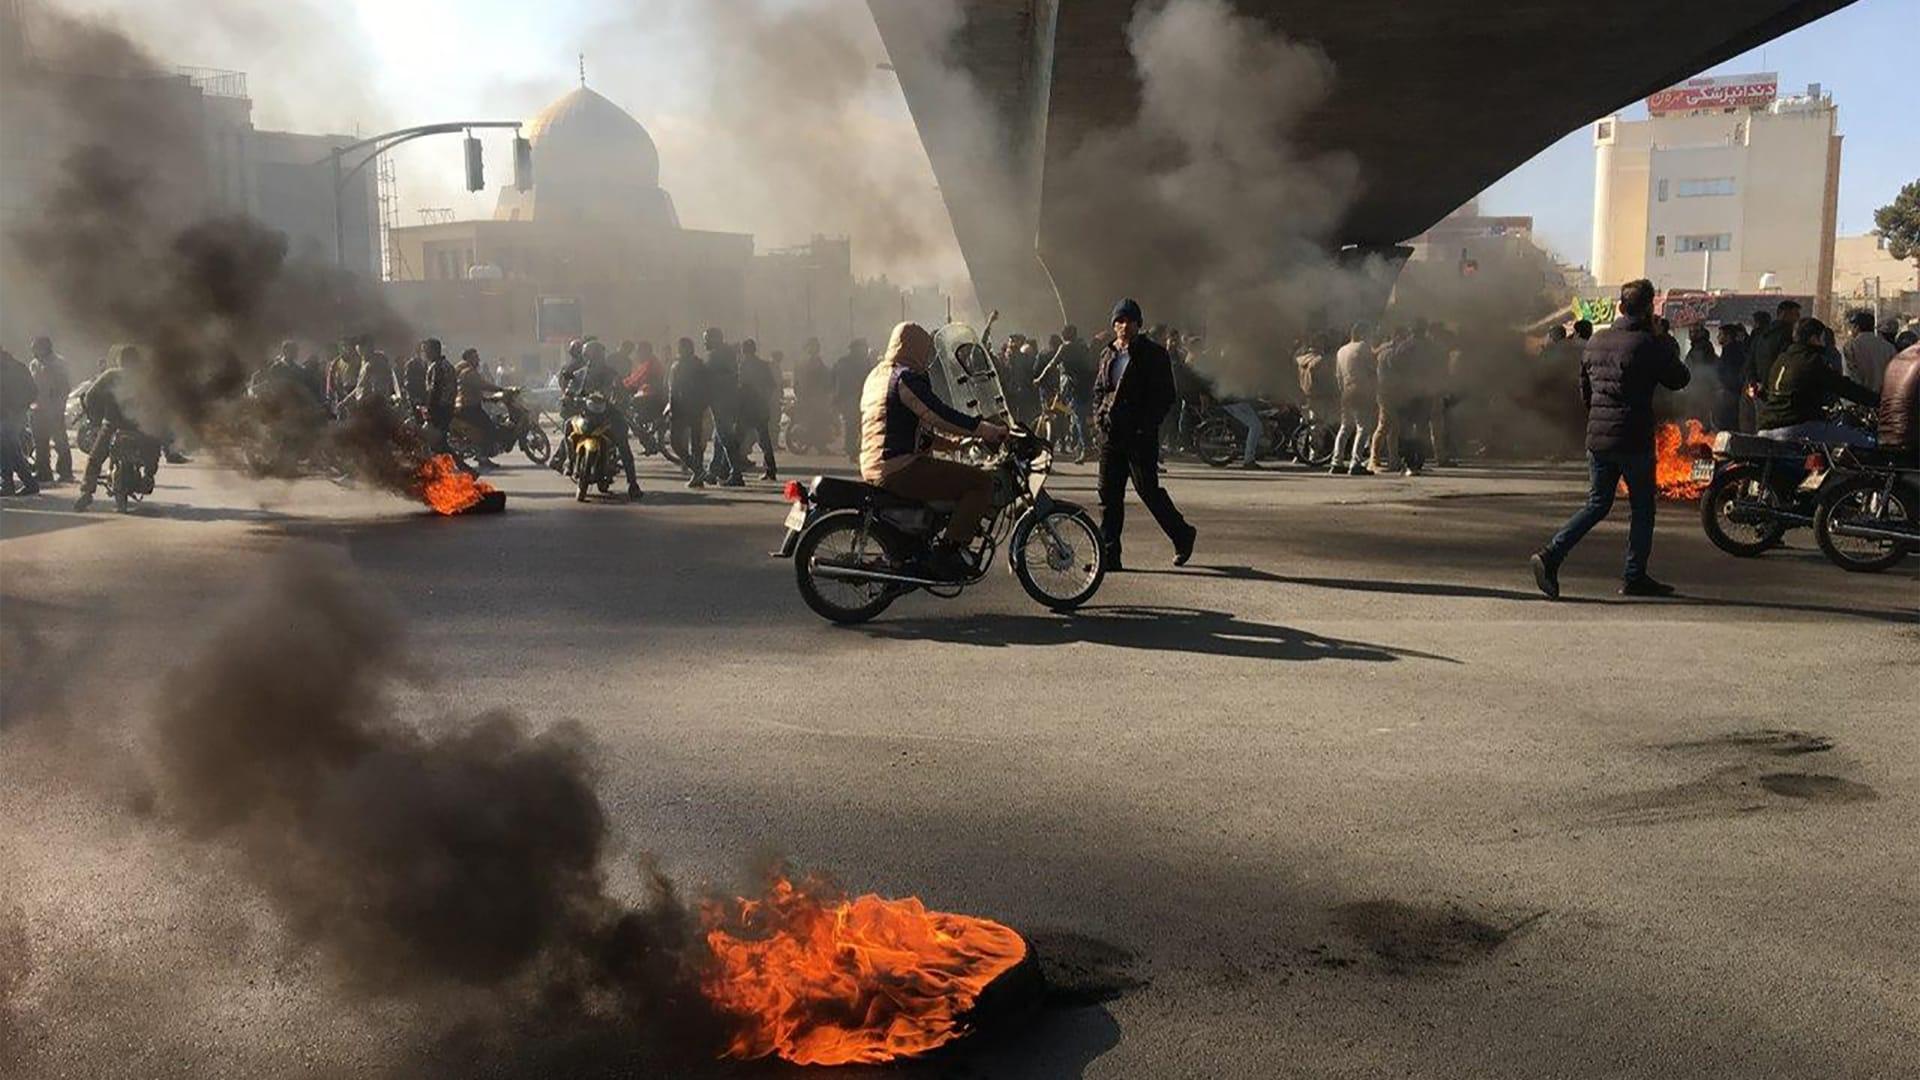 العفو الدولية: ارتفاع قتلى احتجاجات إيران الأخيرة إلى 208